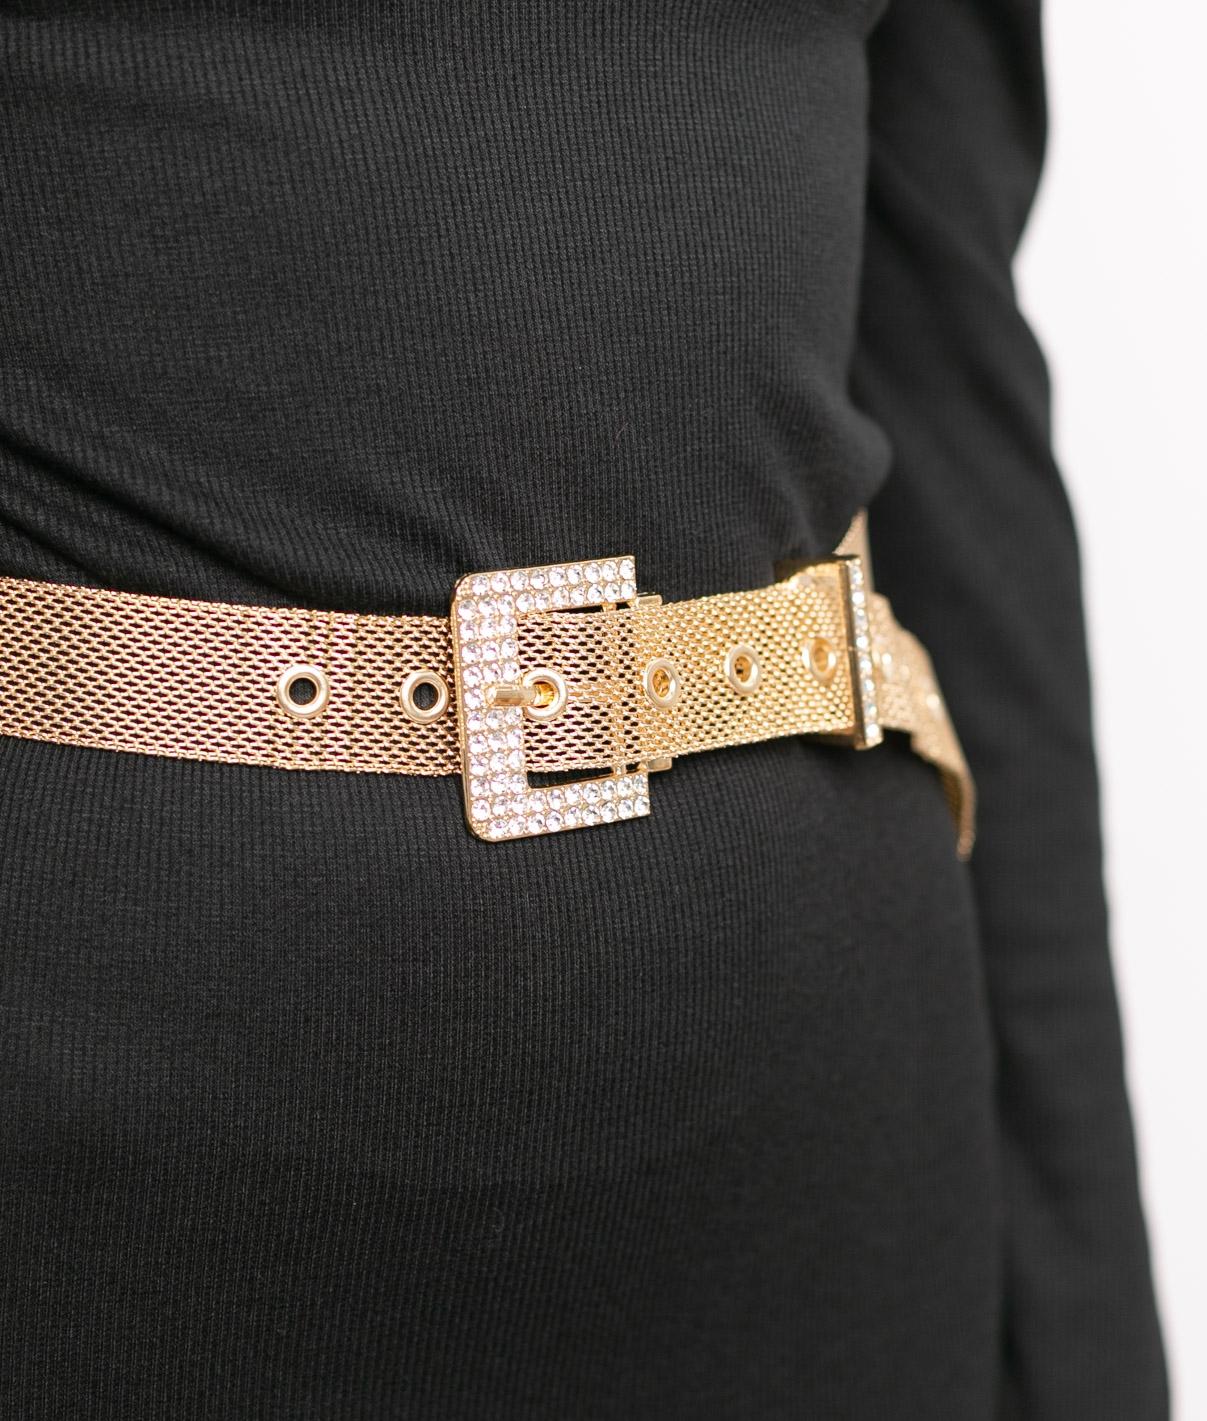 Cinturón Jesen - Champanha